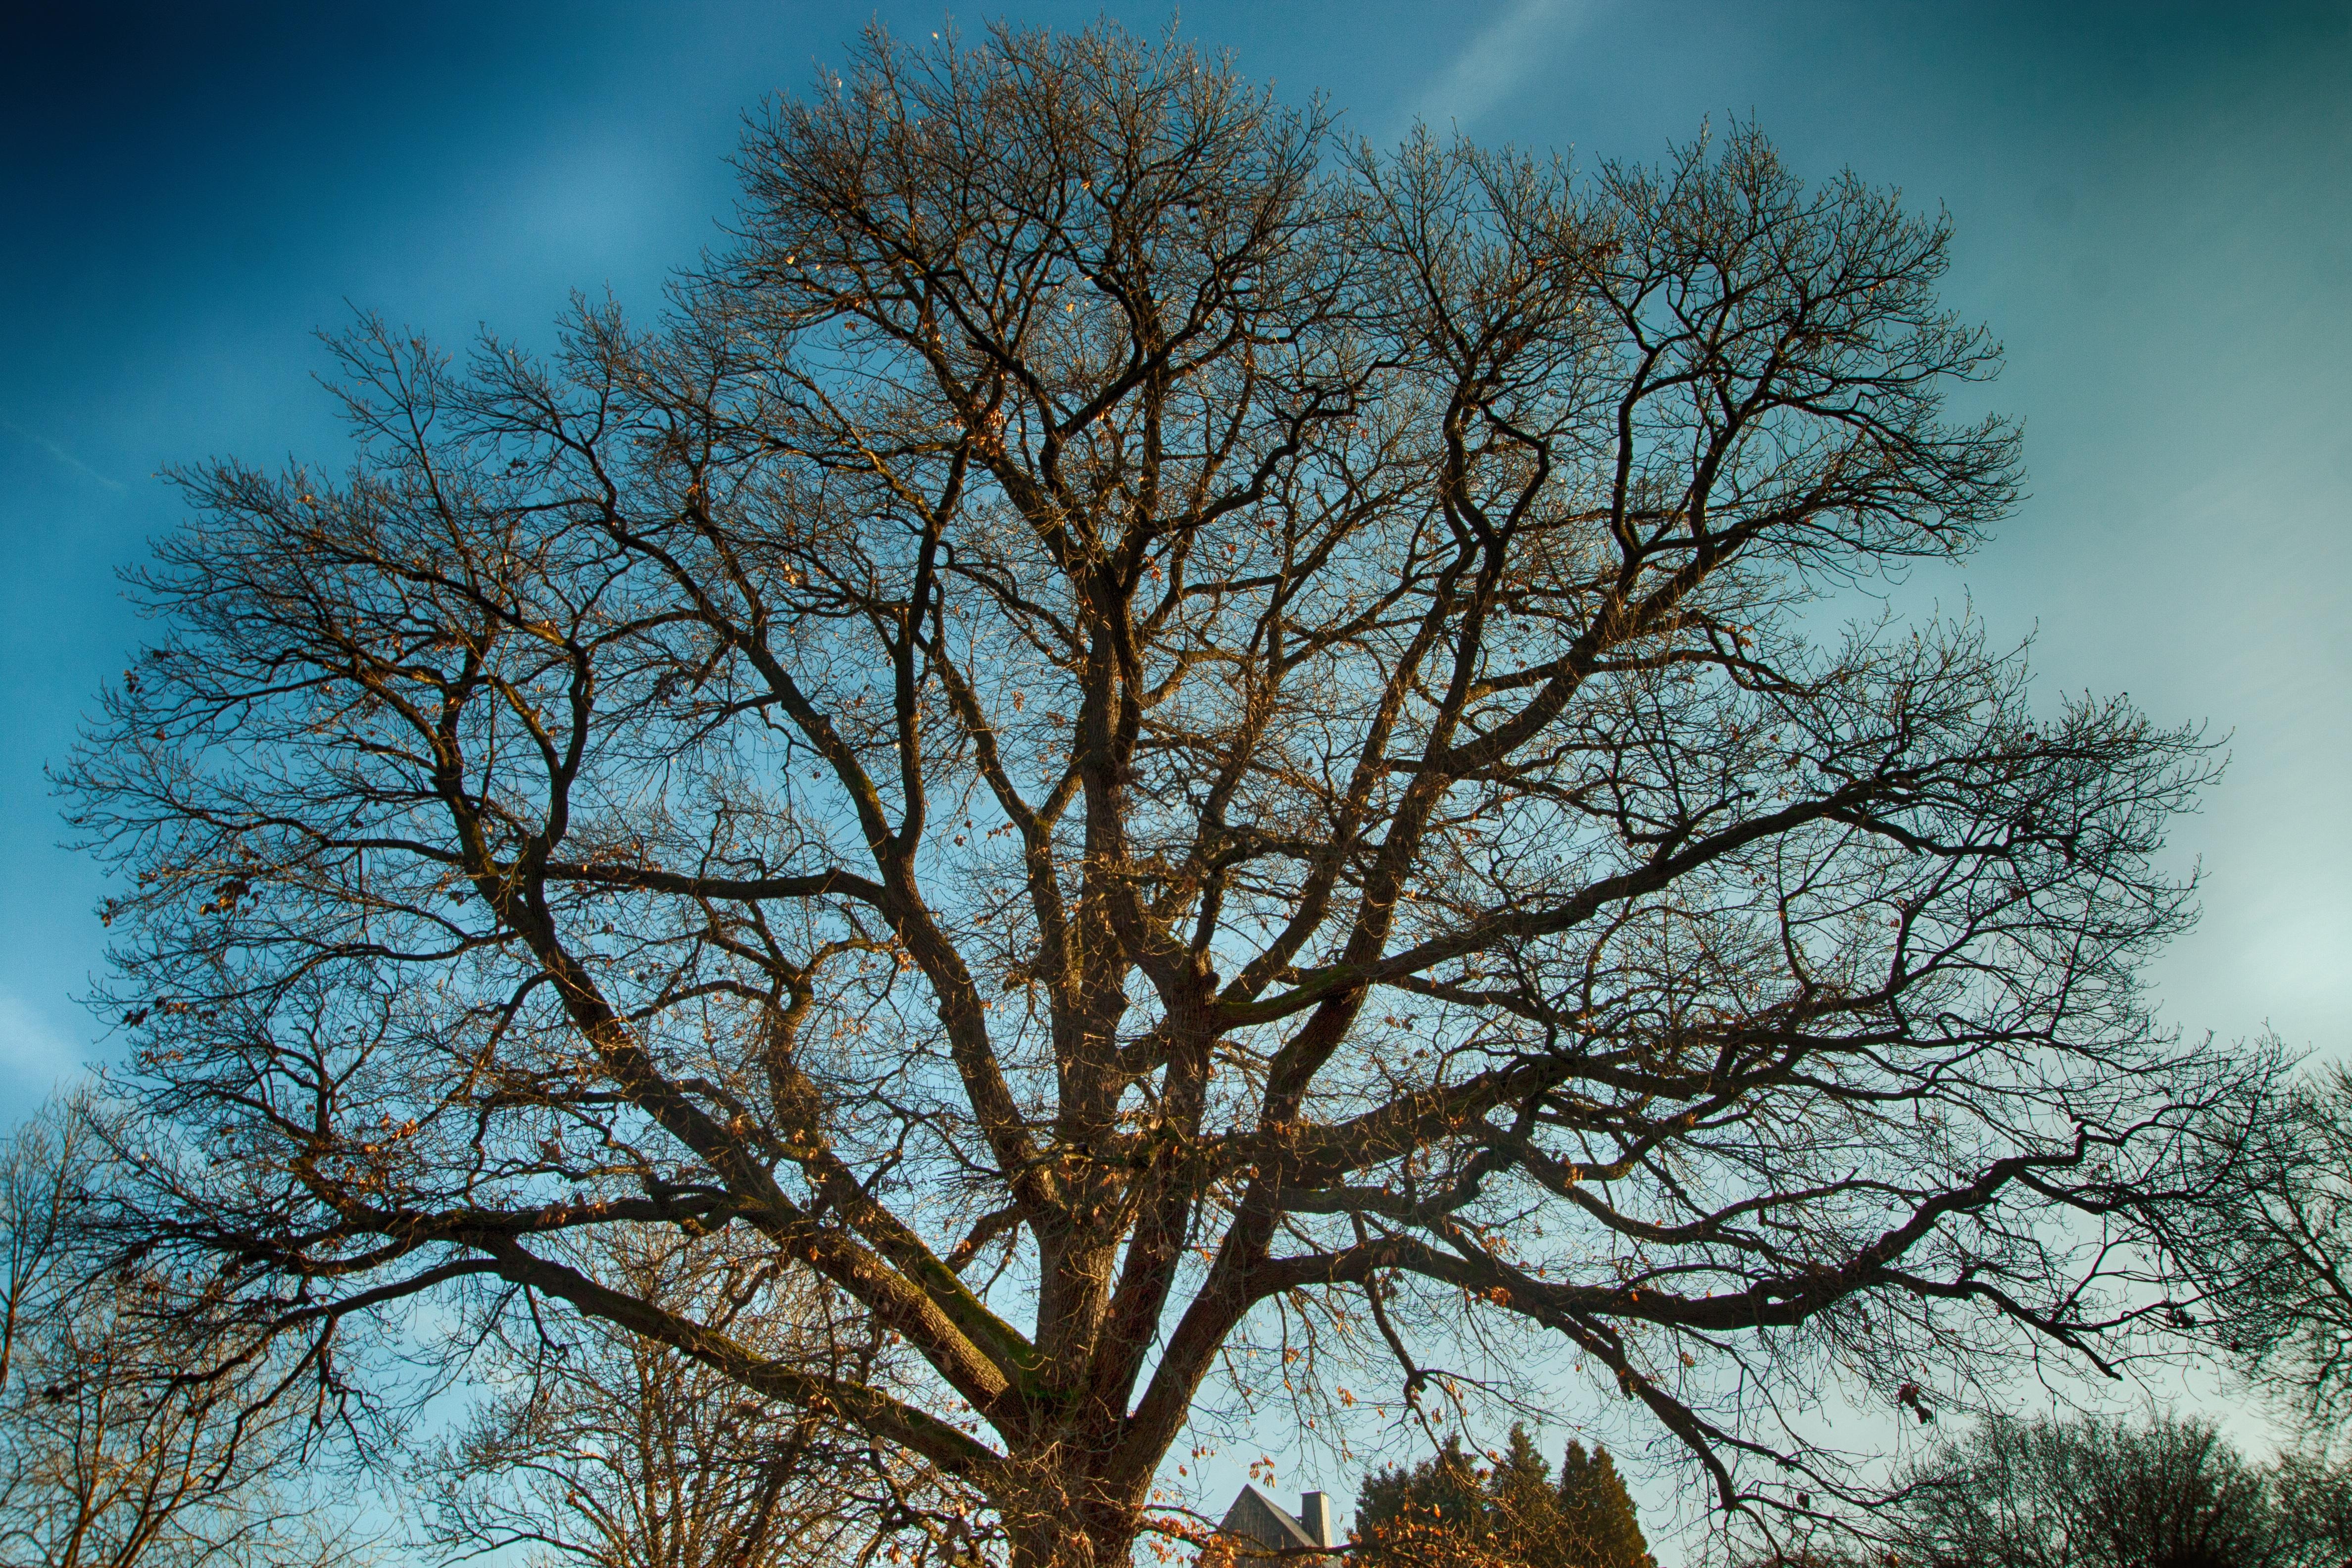 дерево без листвы фото счастью